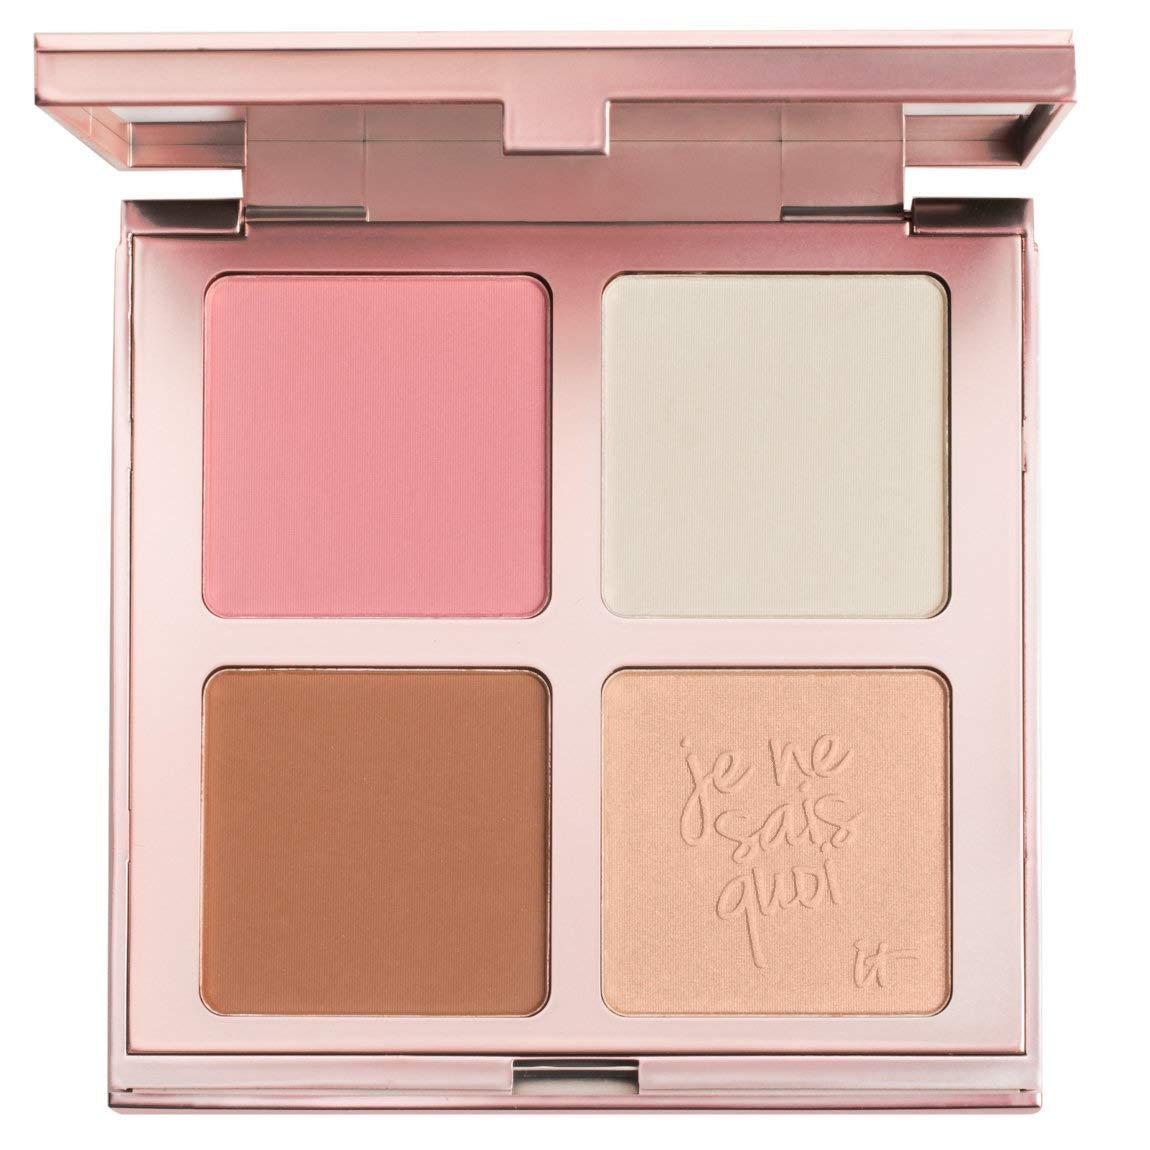 It Cosmetics Je ne Sais Quoi Complexion Perfection Face palette Bye Bye con pori blush, pori polvere pressata, Sunshine in un compatto e perfetta illuminazione illuminatore